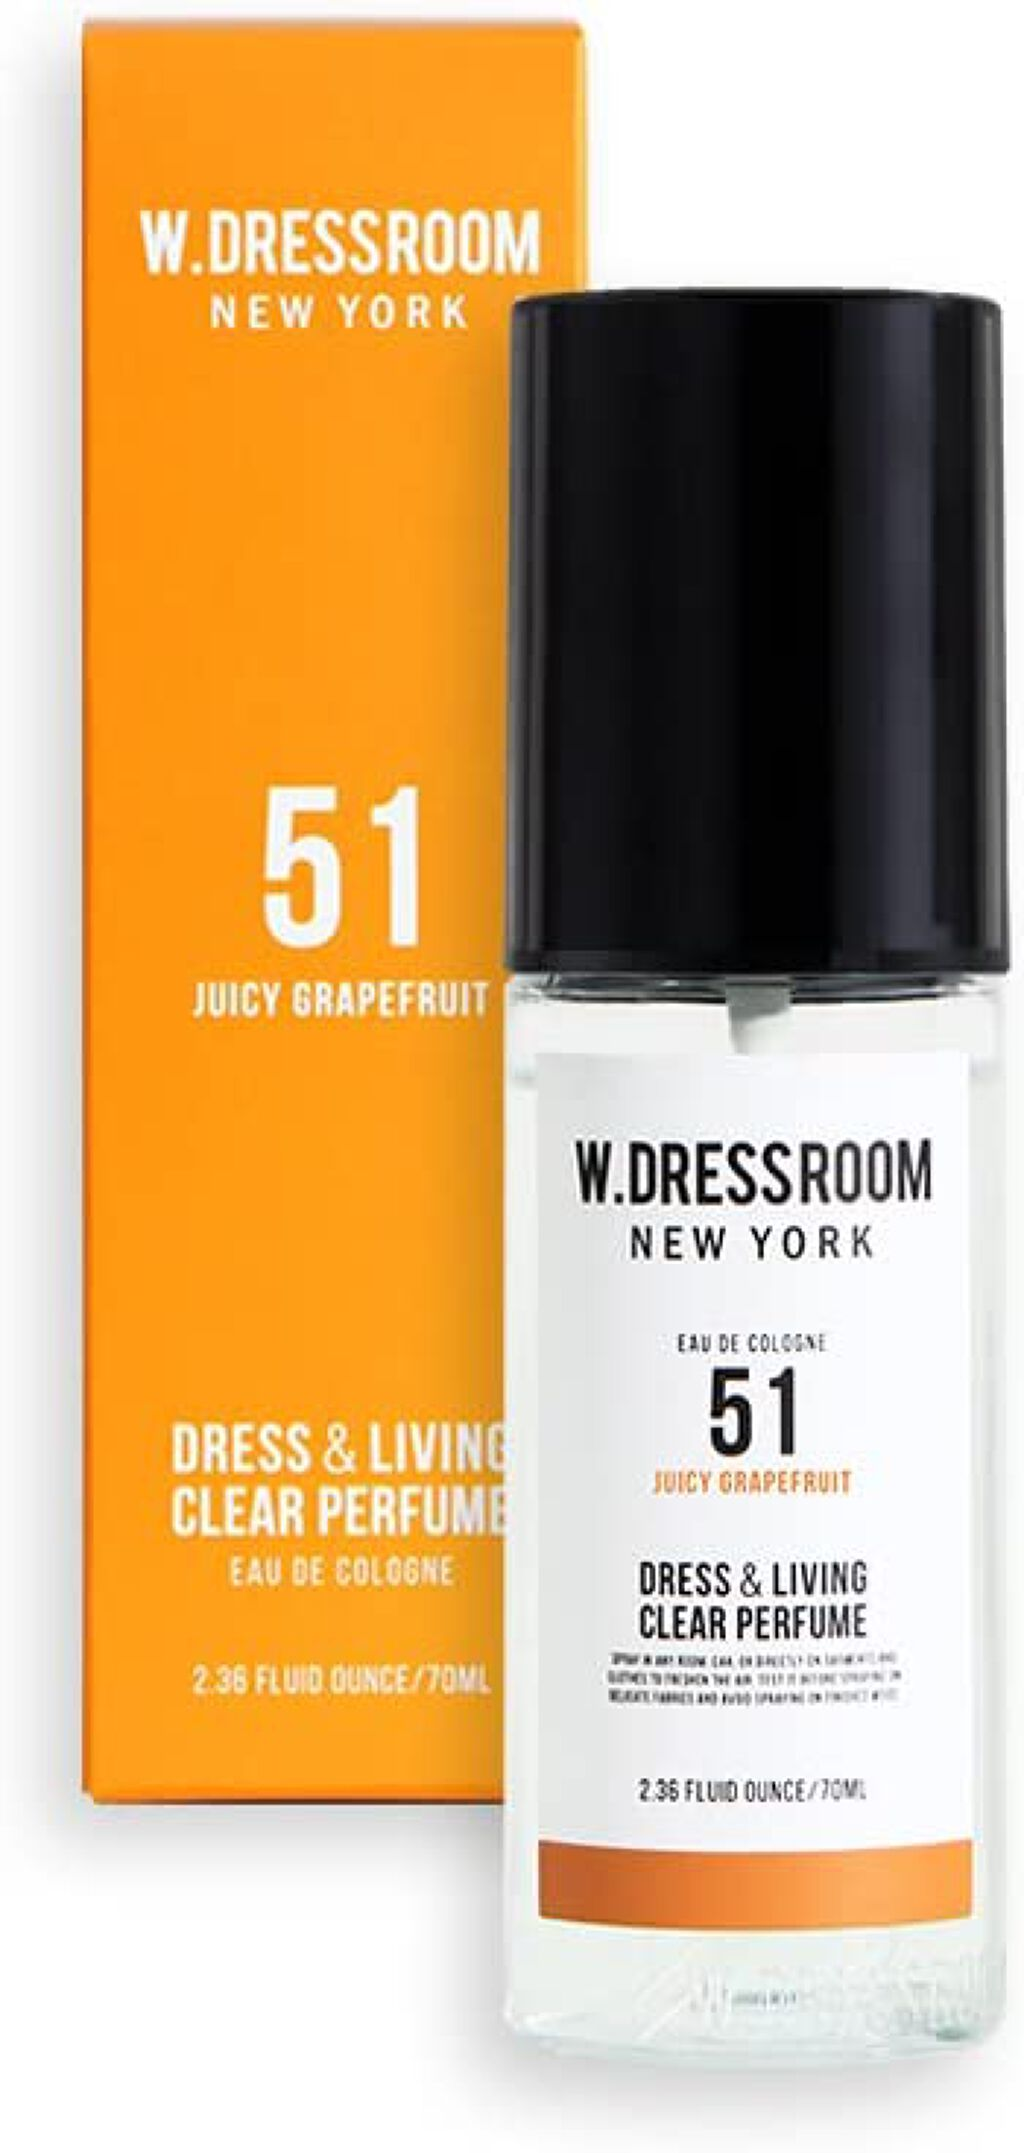 ドレス&リビング クリーン パフューム No.51 ジューシーグレープフルーツ